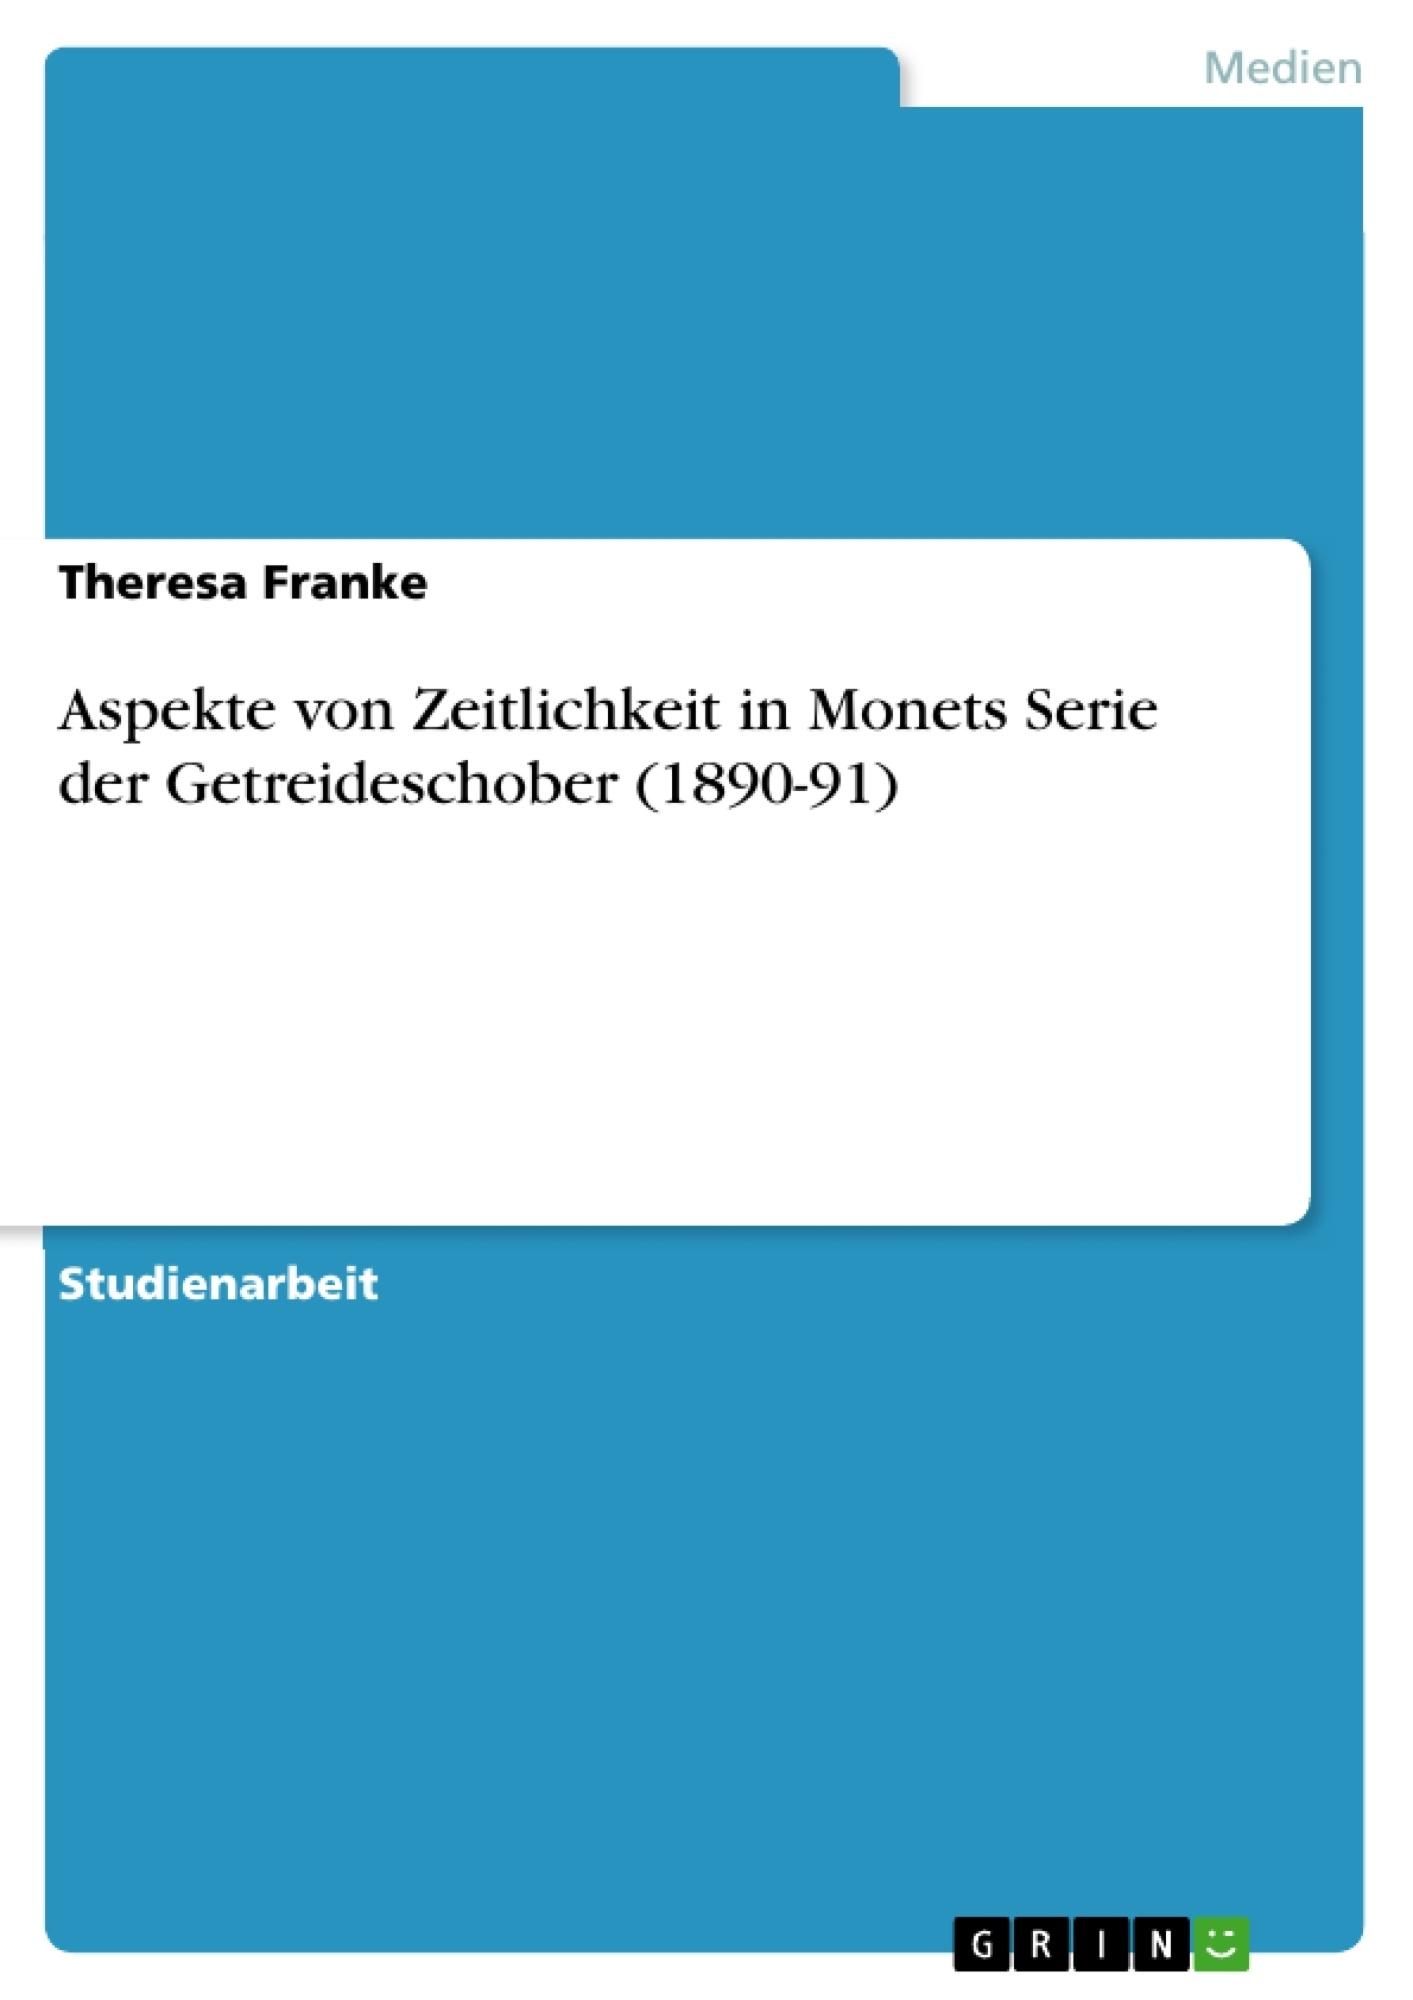 Titel: Aspekte von Zeitlichkeit in Monets Serie der Getreideschober (1890-91)